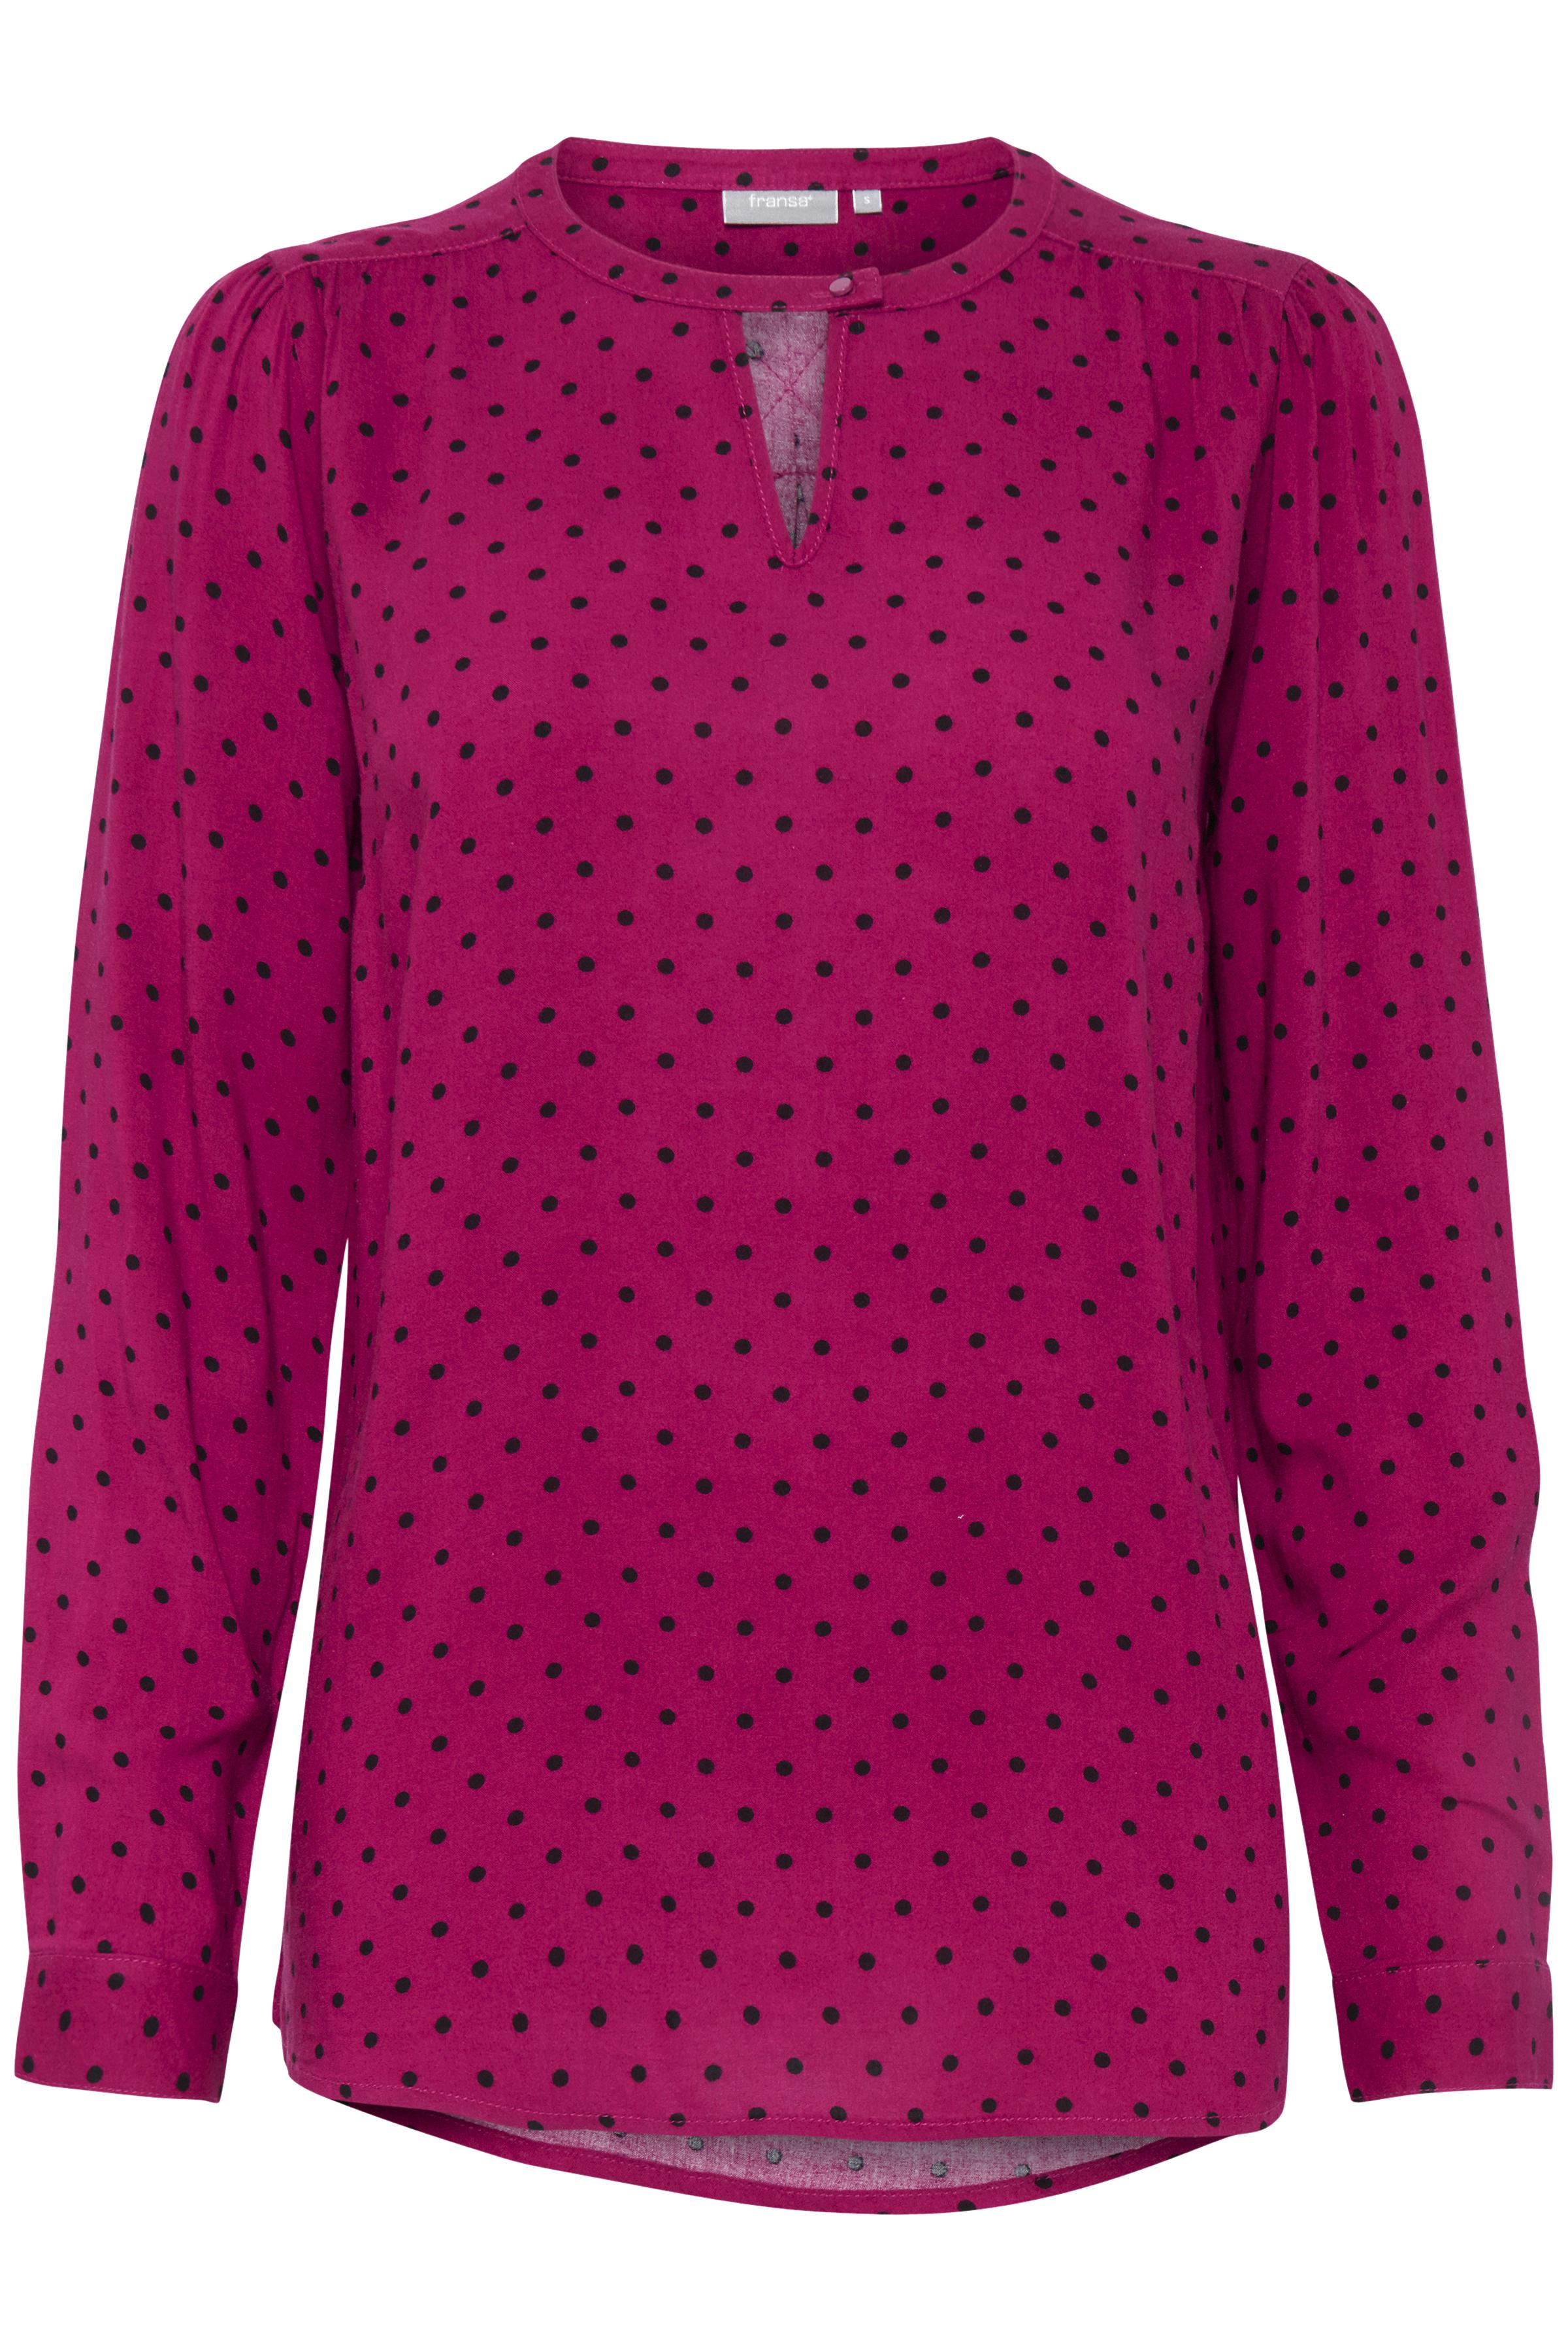 Fuchsia/sort Langærmet bluse fra Fransa – Køb Fuchsia/sort Langærmet bluse fra str. XS-XXL her